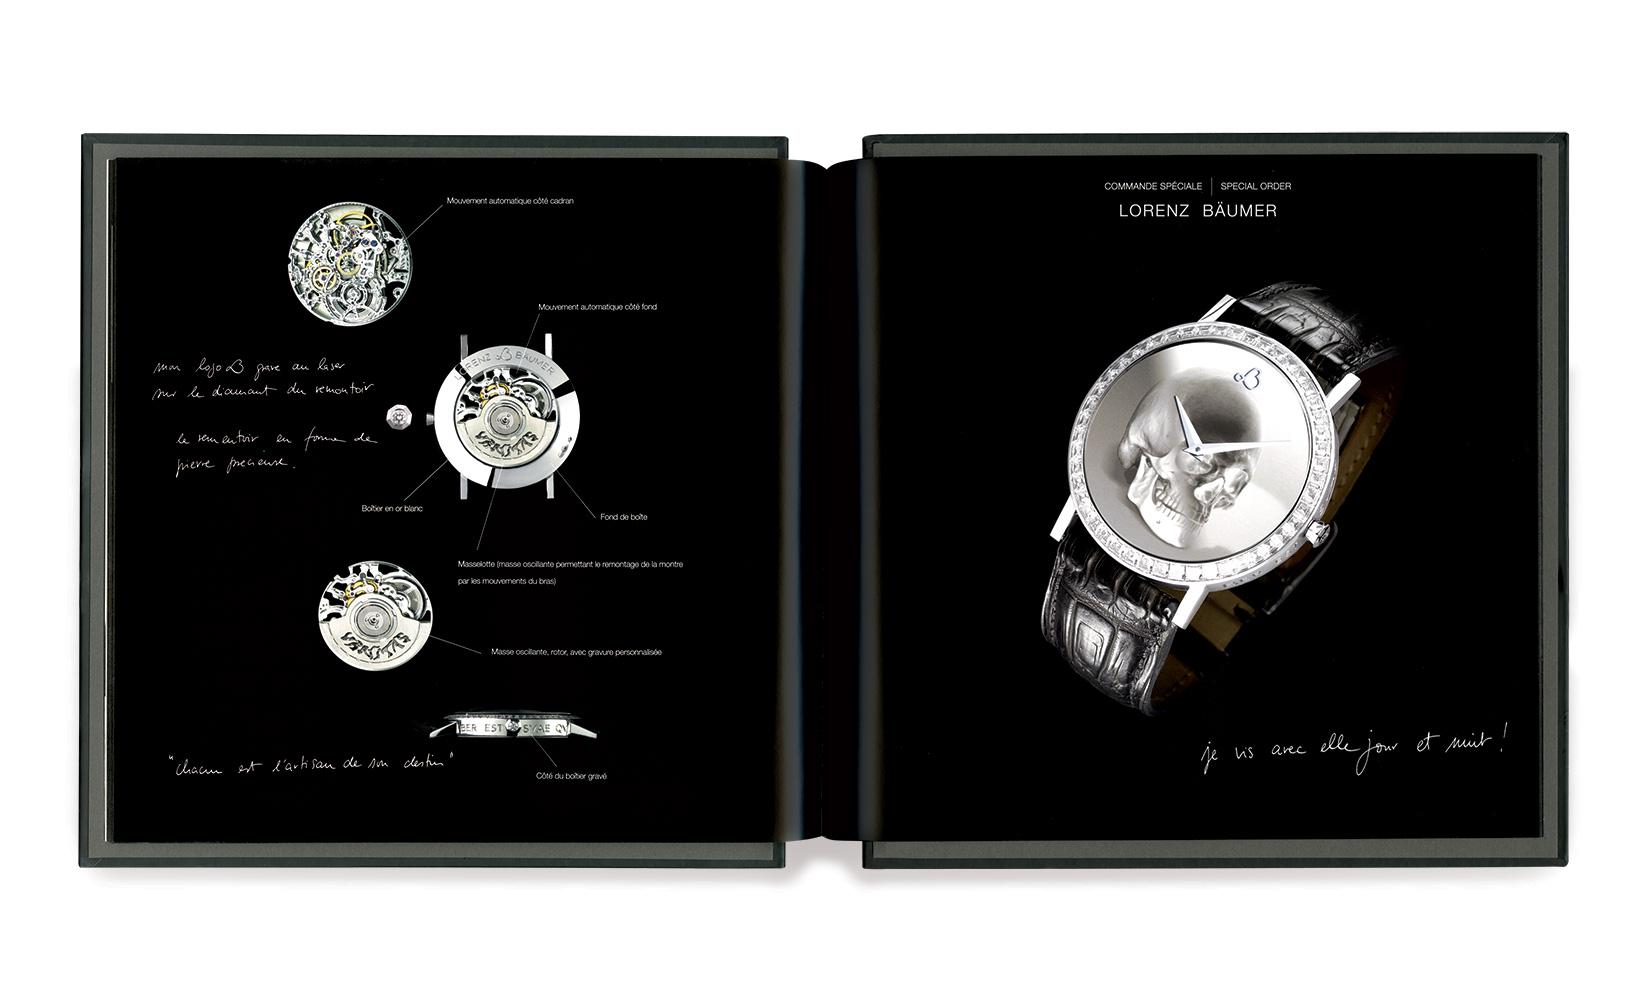 Lorenz-baumer-montres-p5.jpg